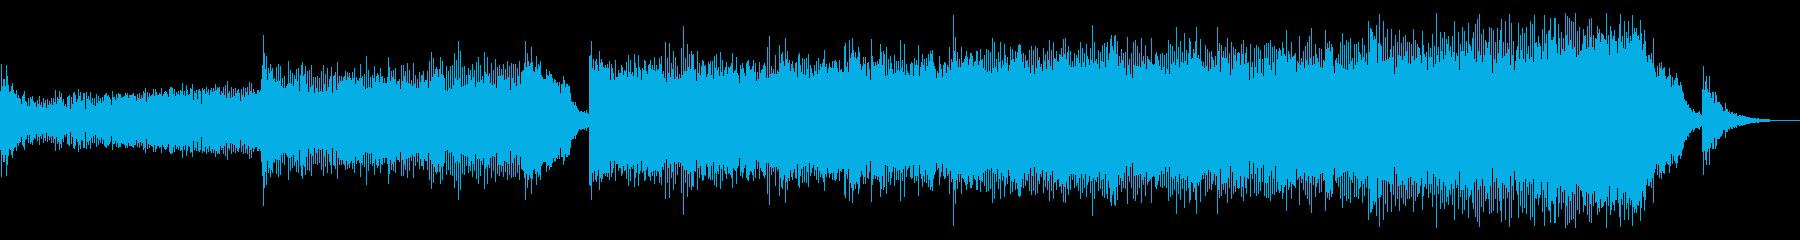 エレクトロ 交響曲 テクノロジー ...の再生済みの波形